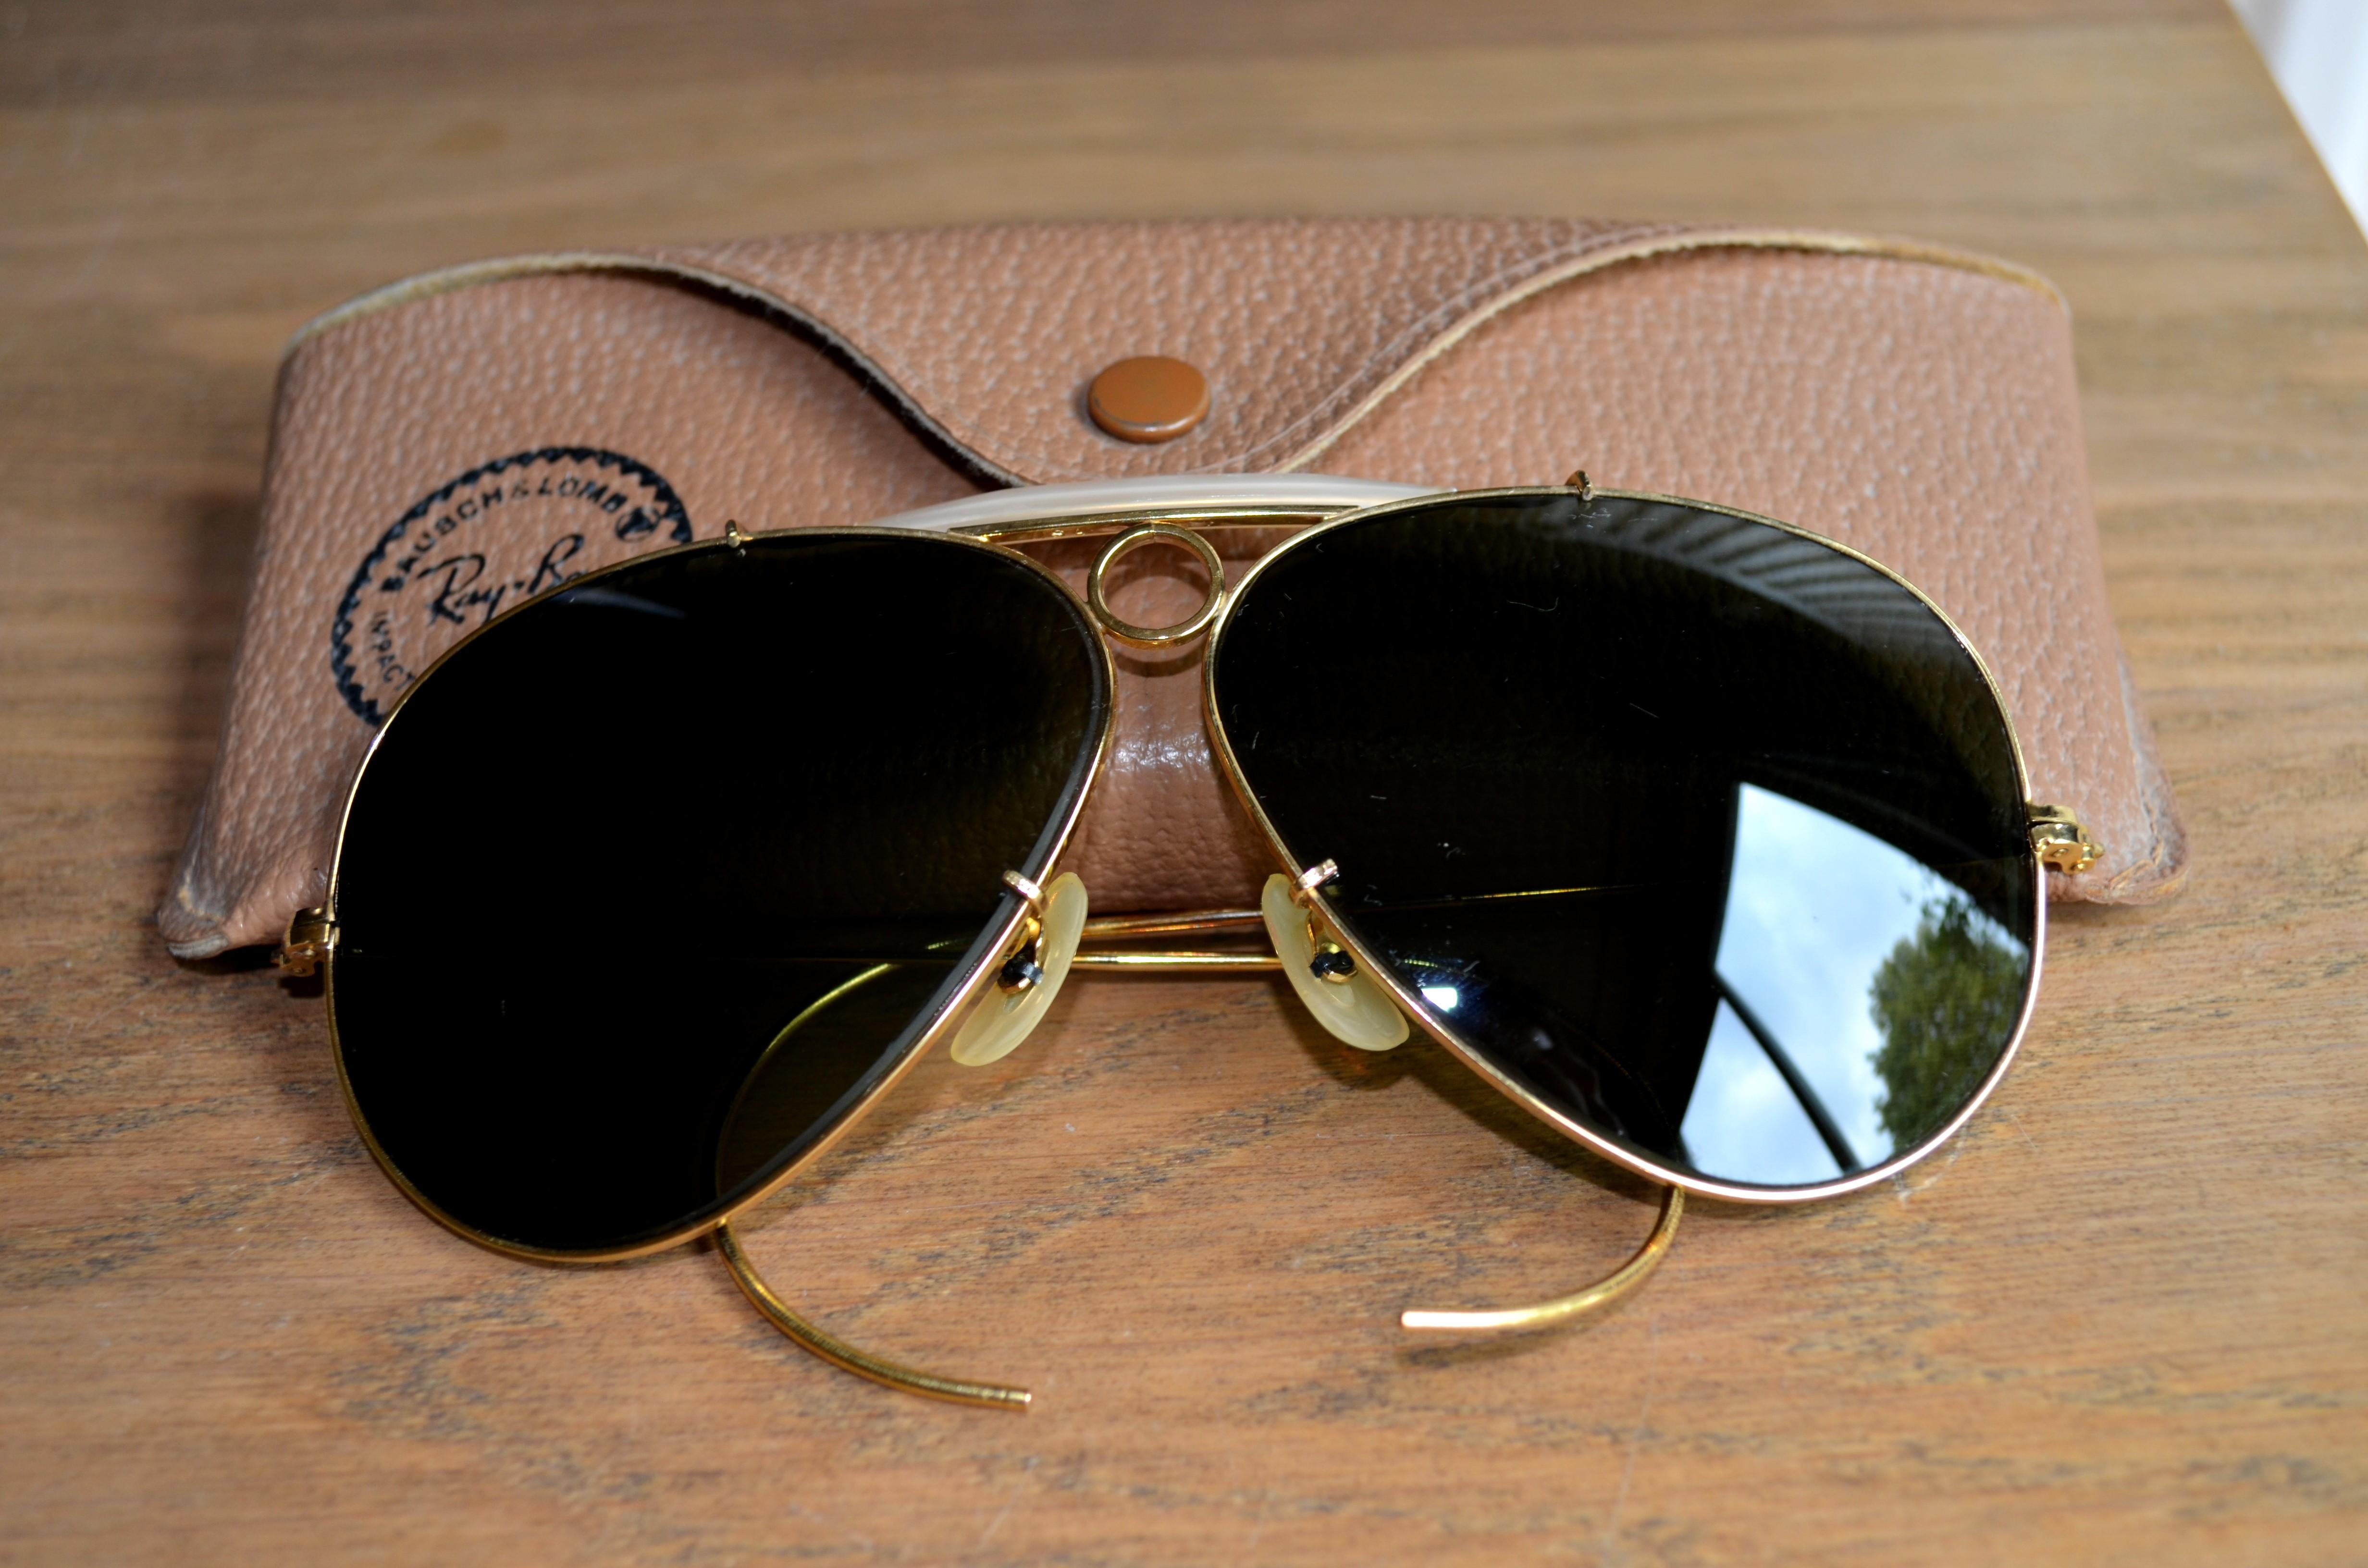 408b76b6fc5d1 Sport Ray Ban Mens Sunglasses « Heritage Malta